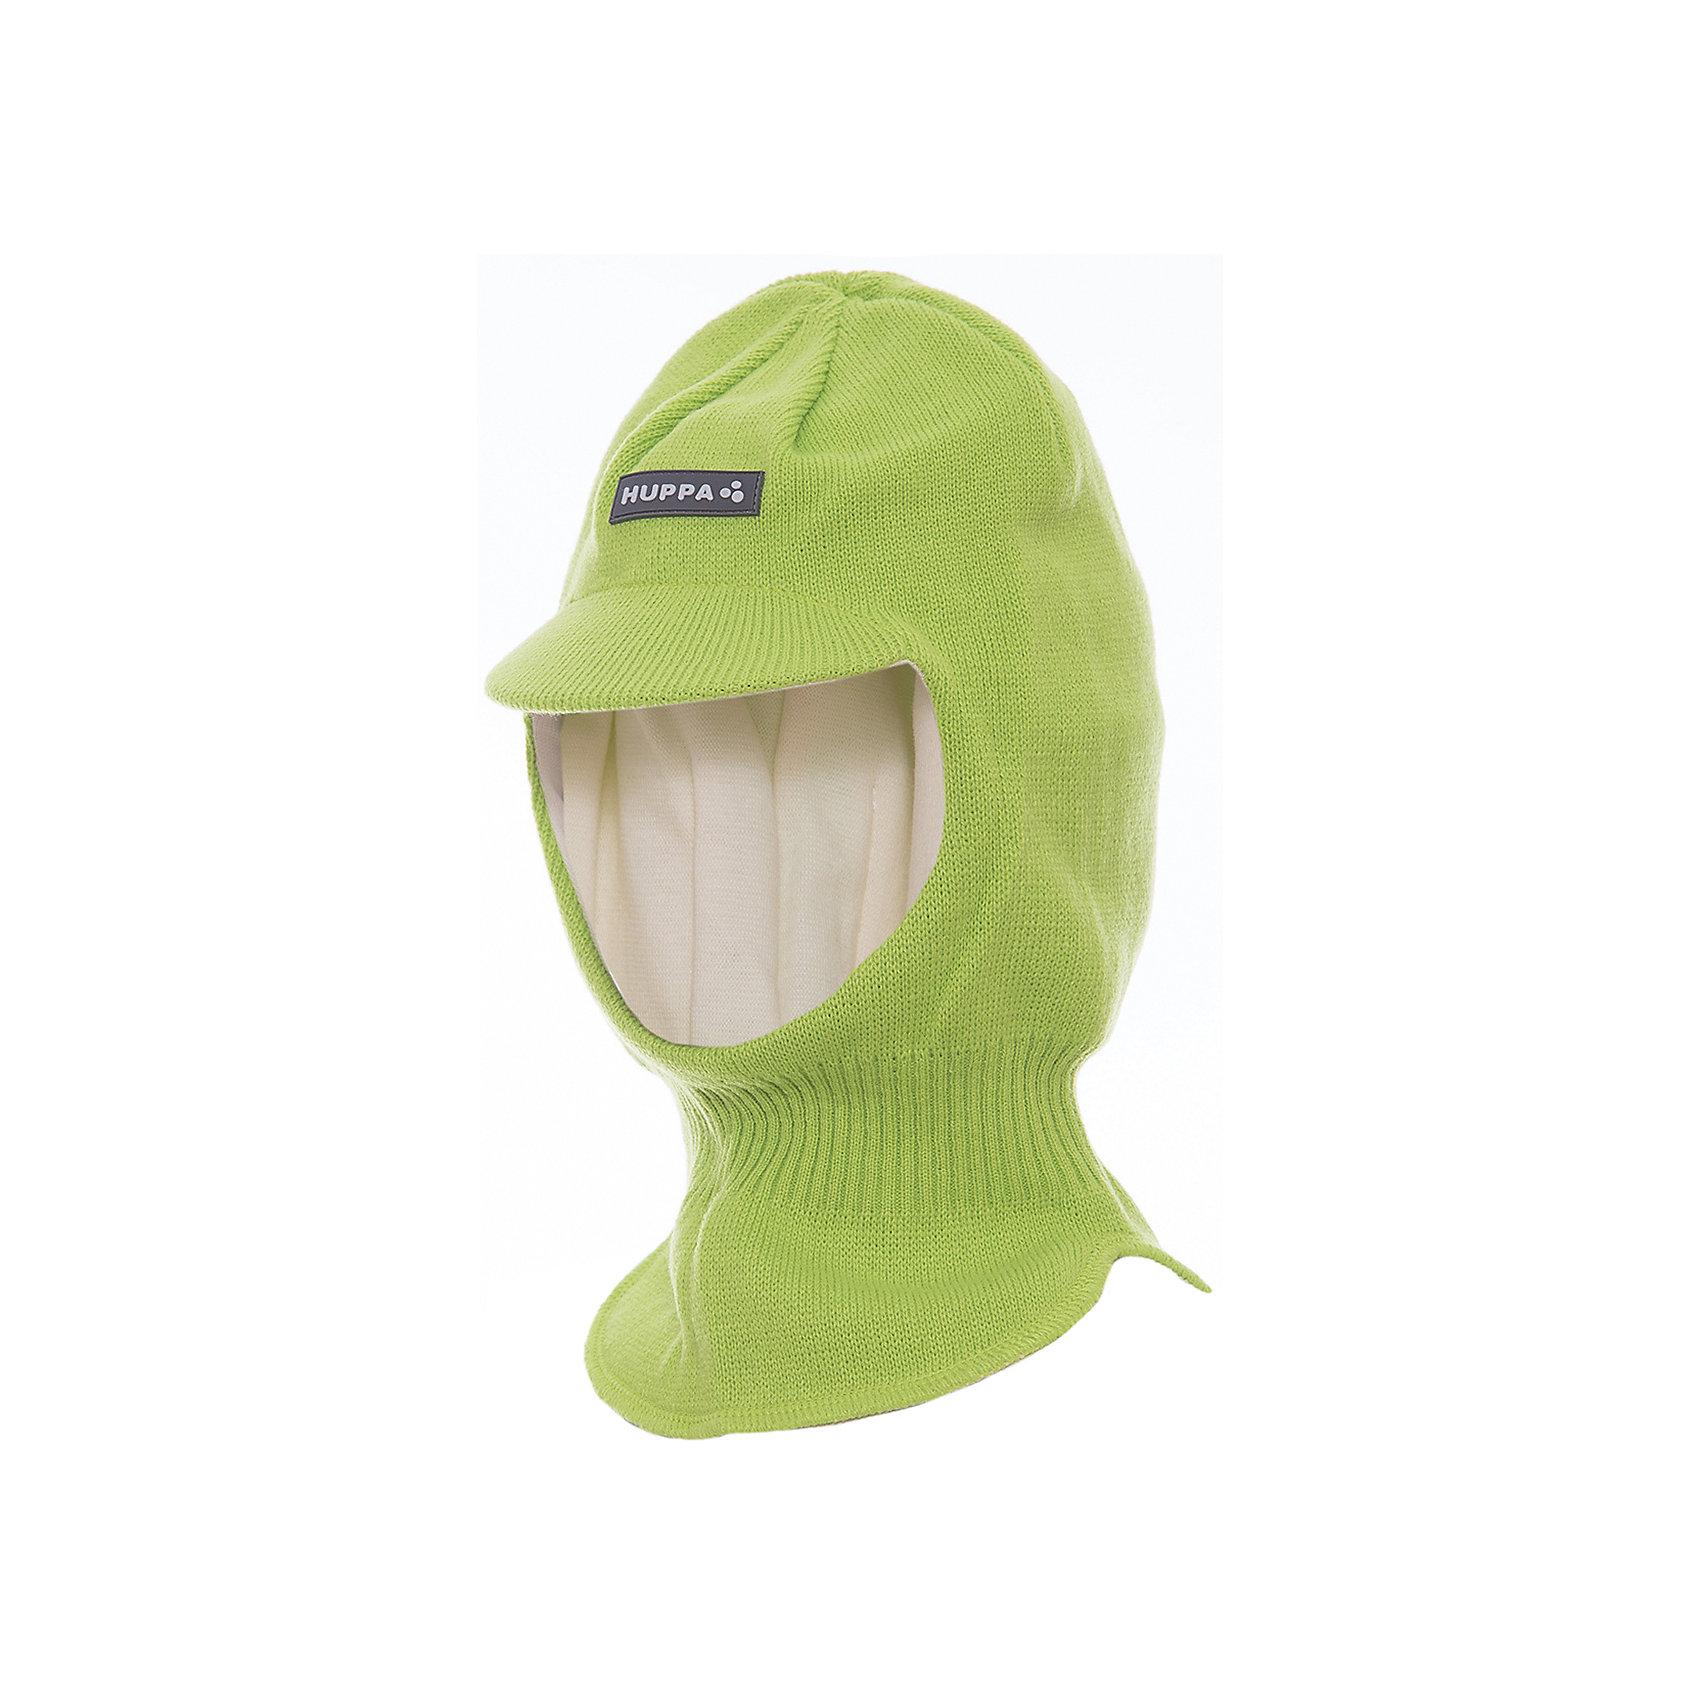 Шапка-шлем SINDRE HuppaГоловные уборы<br>Вязаная шапка-шлем для детей SINDRE.Прекрассно подойдет для повседневных прогулок в холодную погоду.<br>Состав:<br>100% акрил<br><br>Ширина мм: 89<br>Глубина мм: 117<br>Высота мм: 44<br>Вес г: 155<br>Цвет: зеленый<br>Возраст от месяцев: 12<br>Возраст до месяцев: 24<br>Пол: Унисекс<br>Возраст: Детский<br>Размер: 47-49,55-57,51-53<br>SKU: 7029401